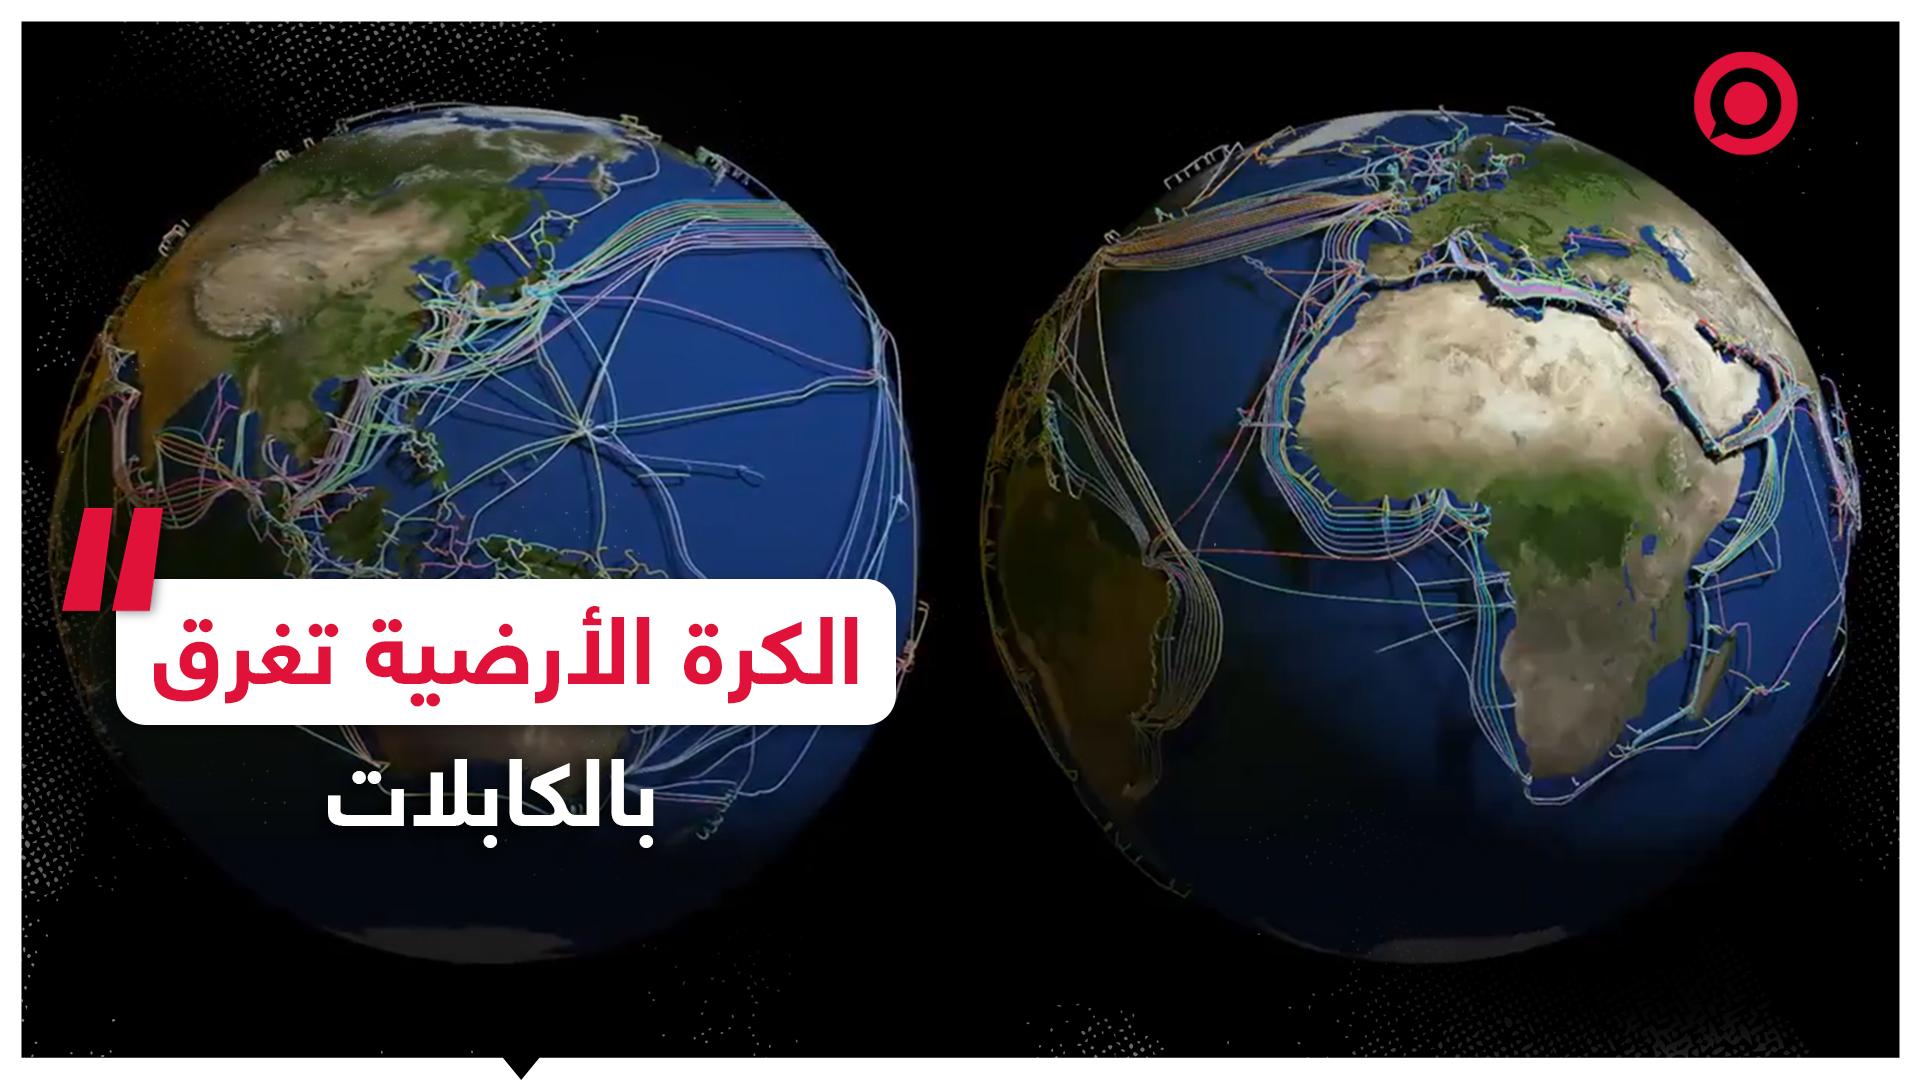 #إنترنت  #العالم_الرقمي #معكم_تكتمل_الصورة